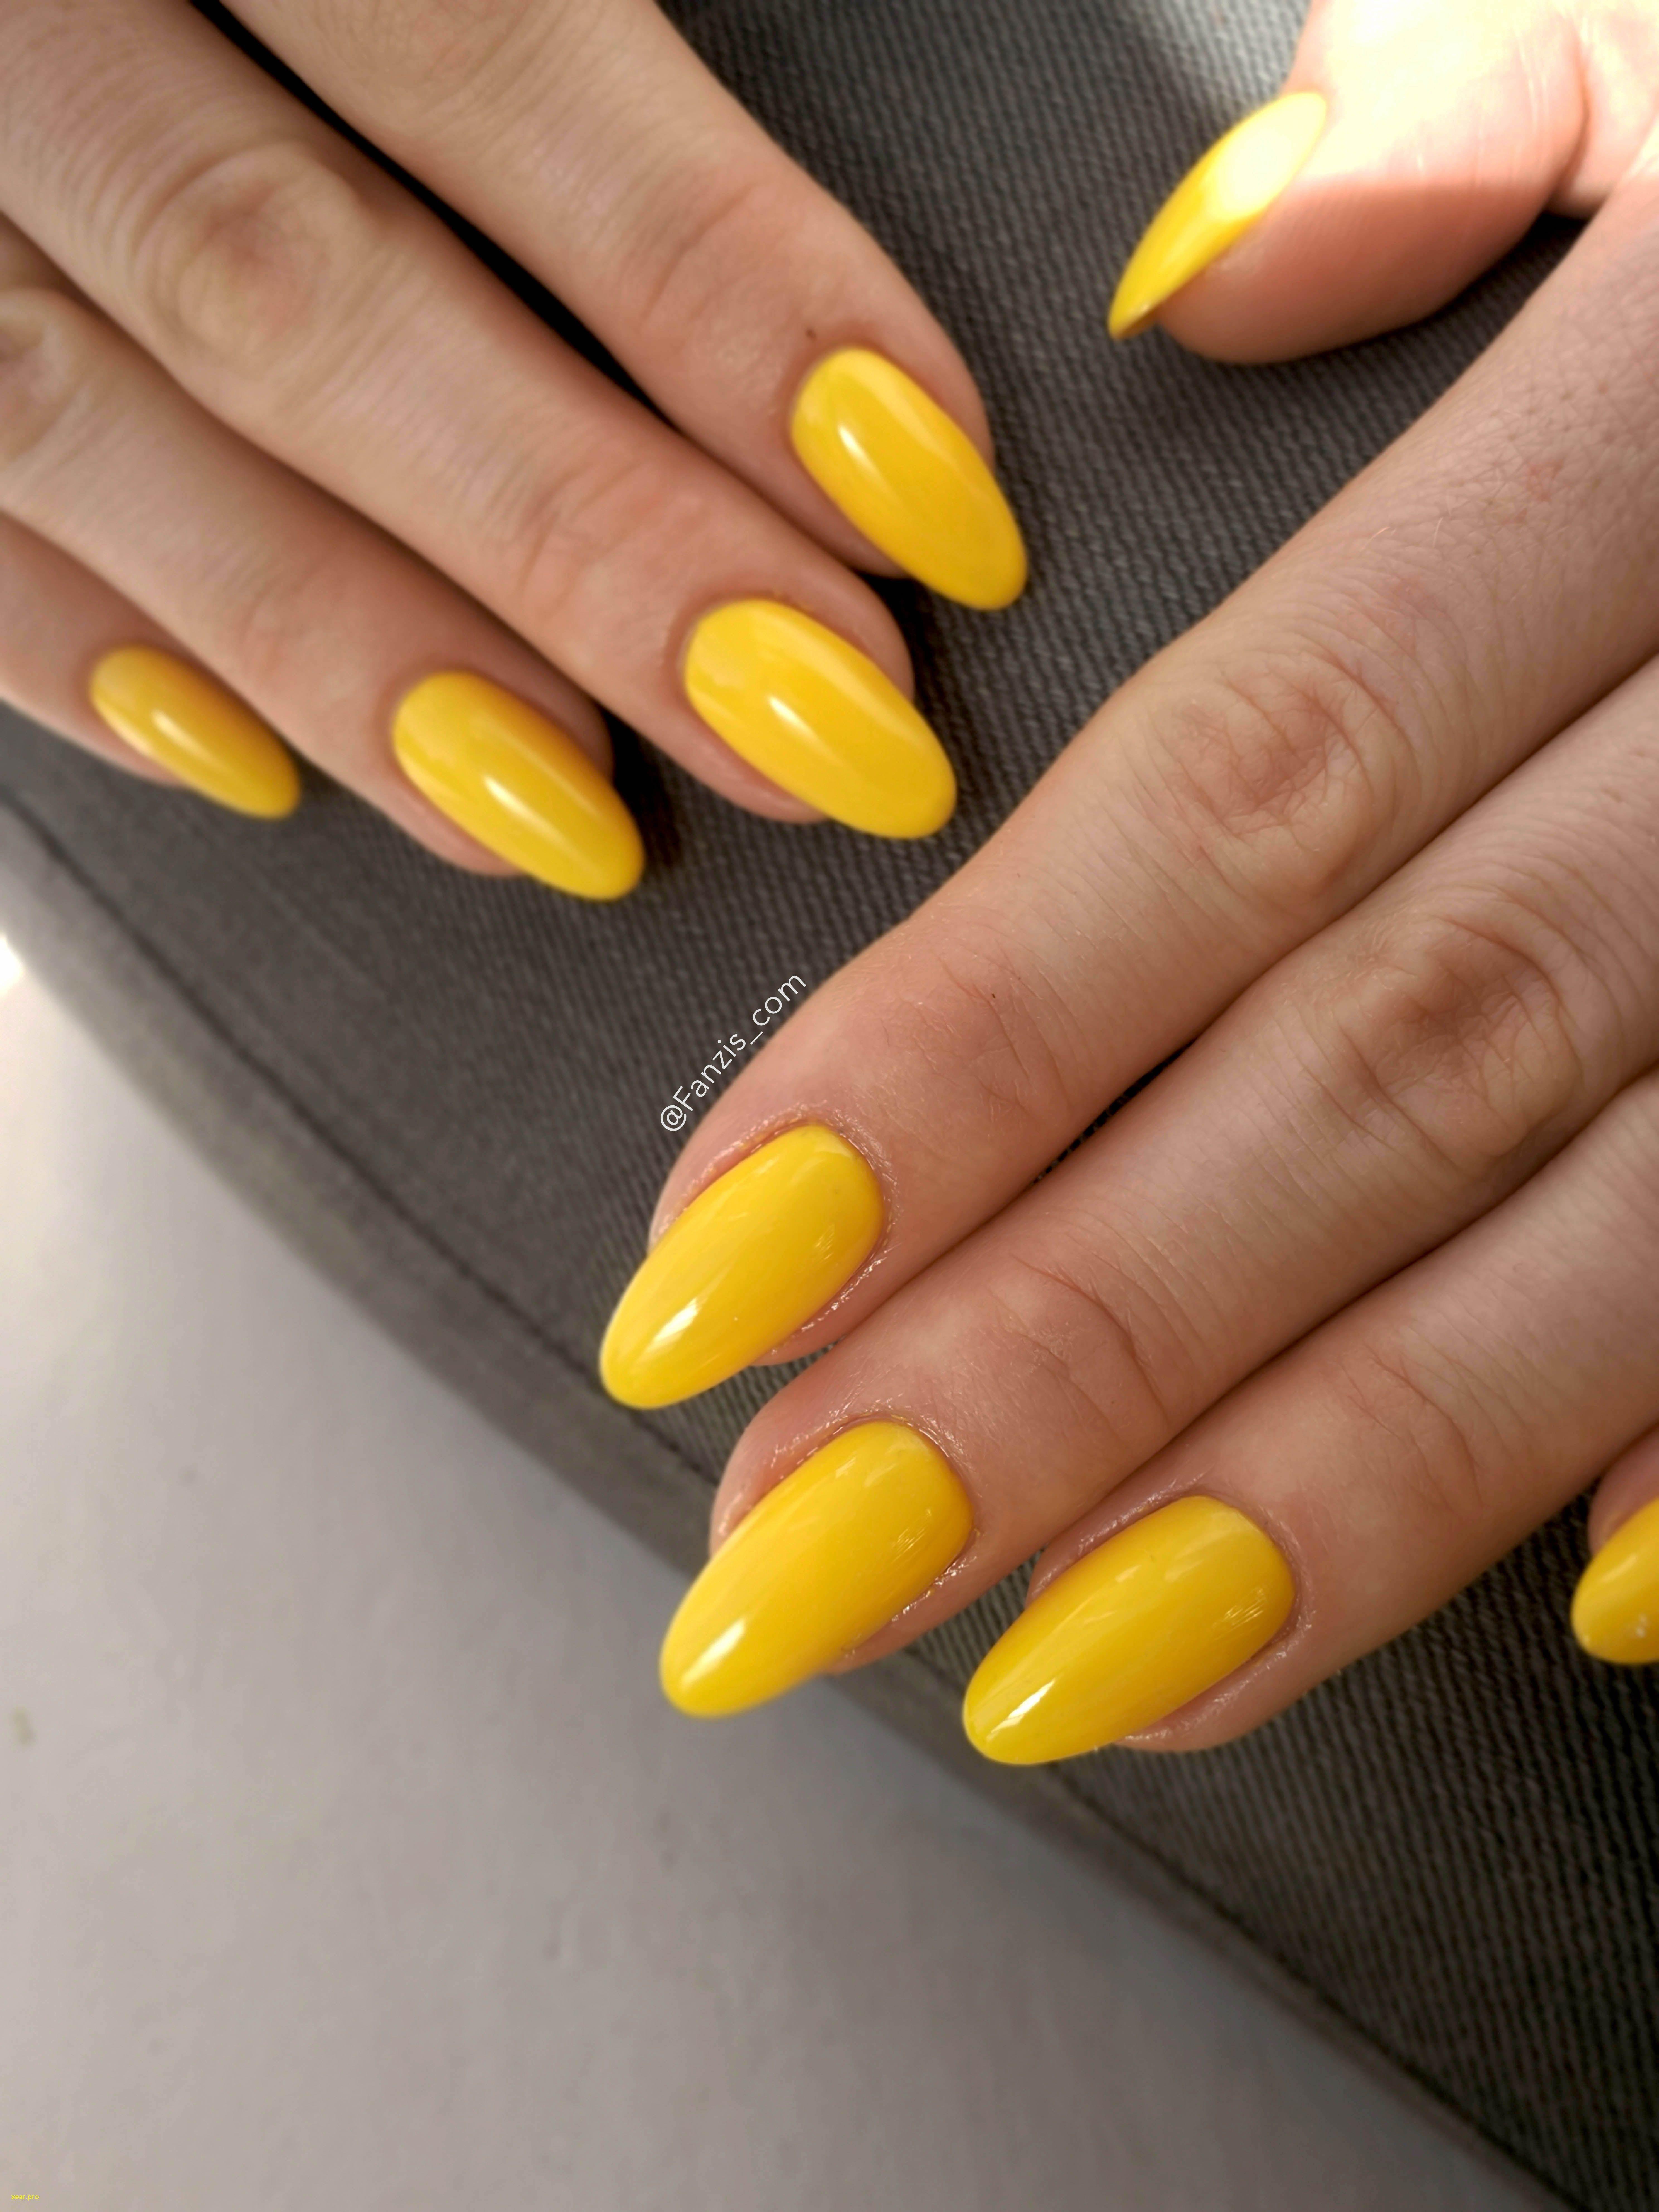 Beautiful Yellow Nail Polish Outfit Yellow Nails Yellow Nail Polish Yellow Nails Design